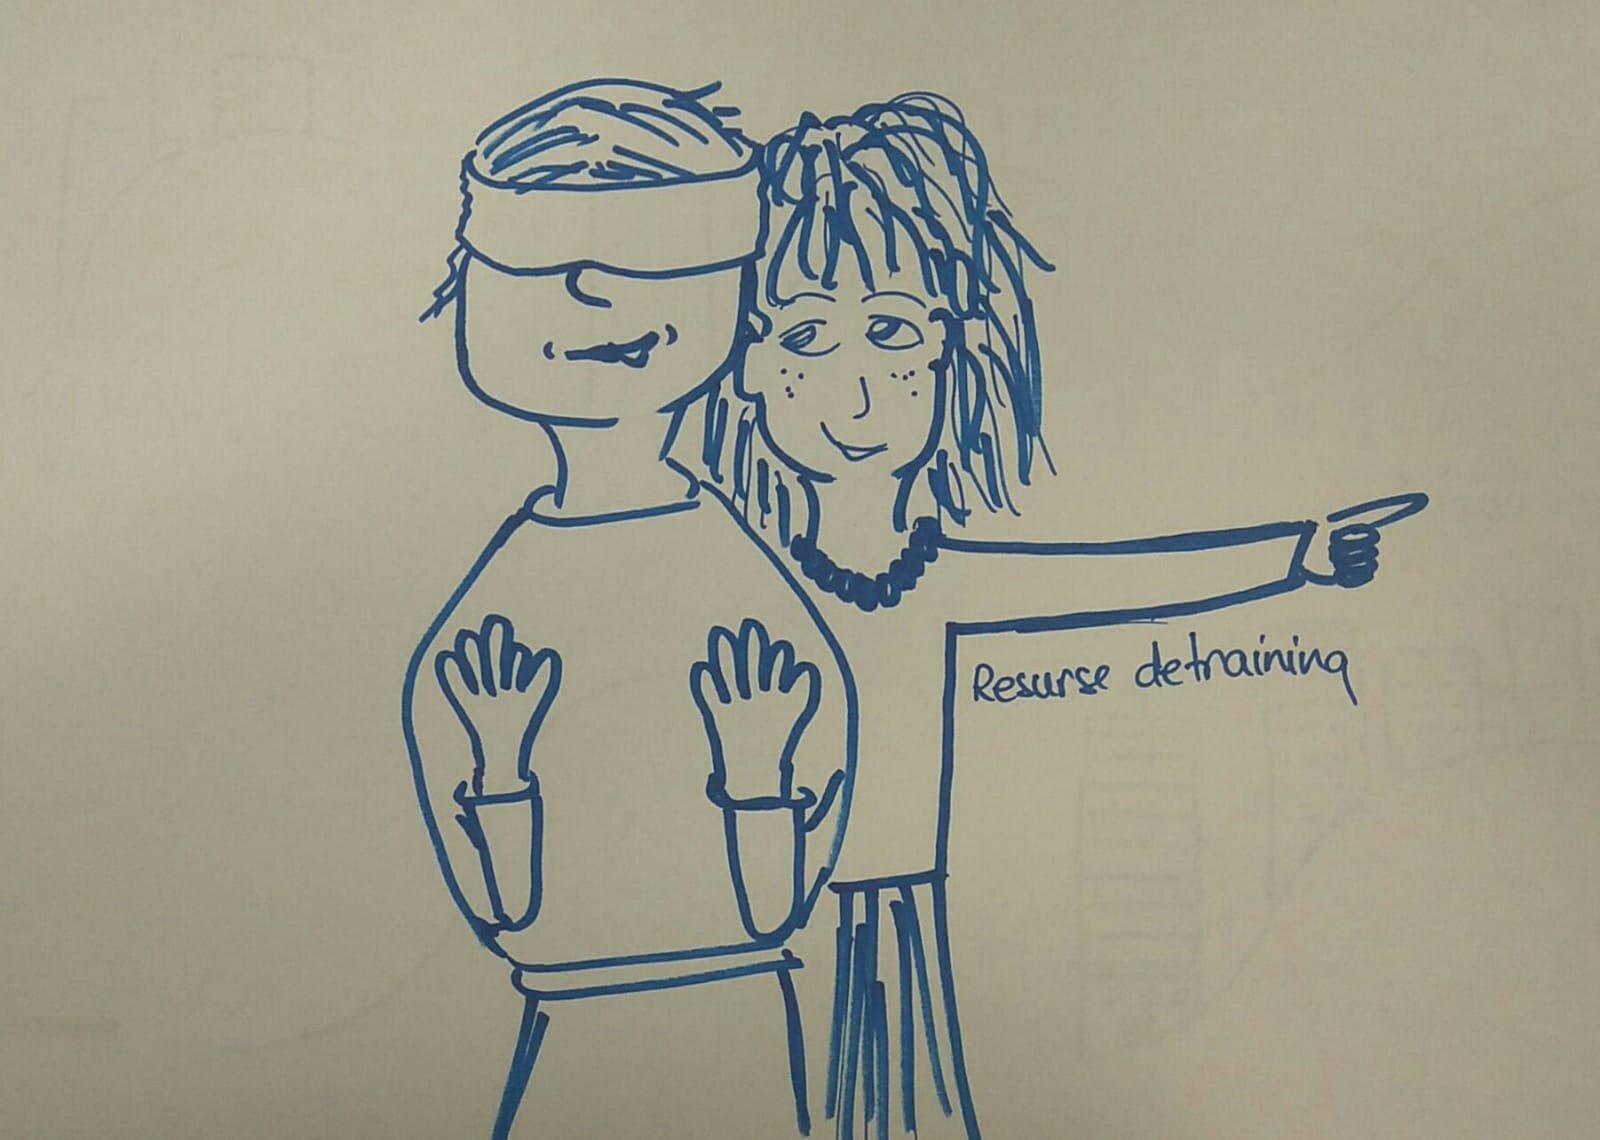 Resurse de training Ana M Marin bloggermarin blindfold.jpeg